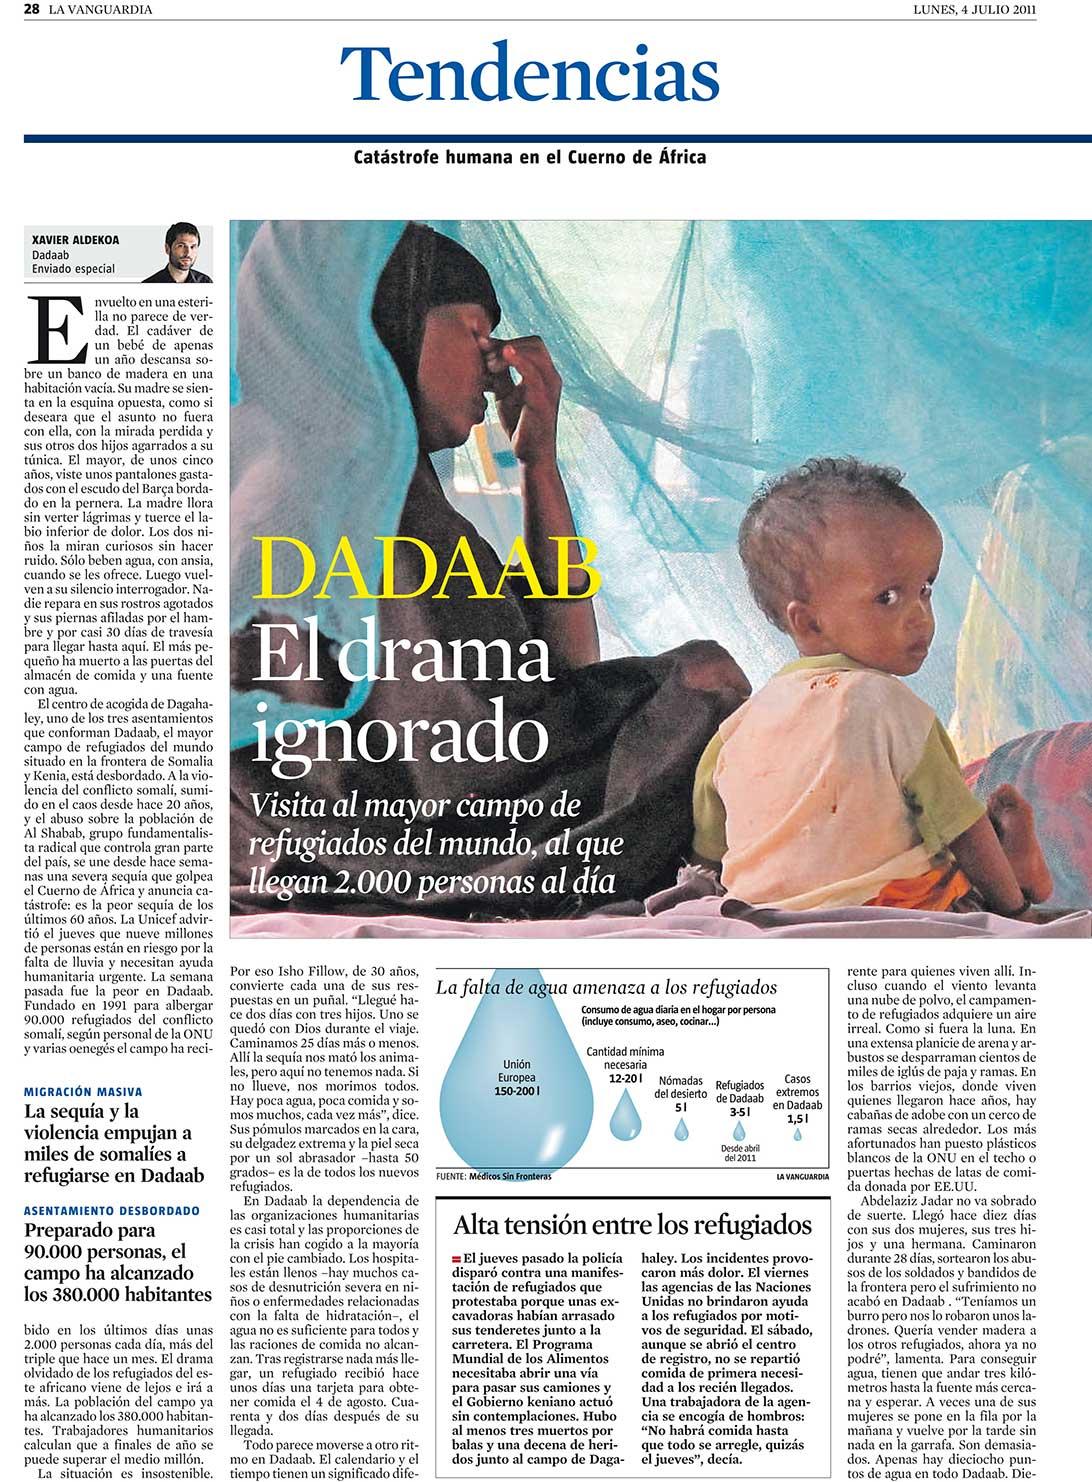 Dadaab, el drama ignorado 1